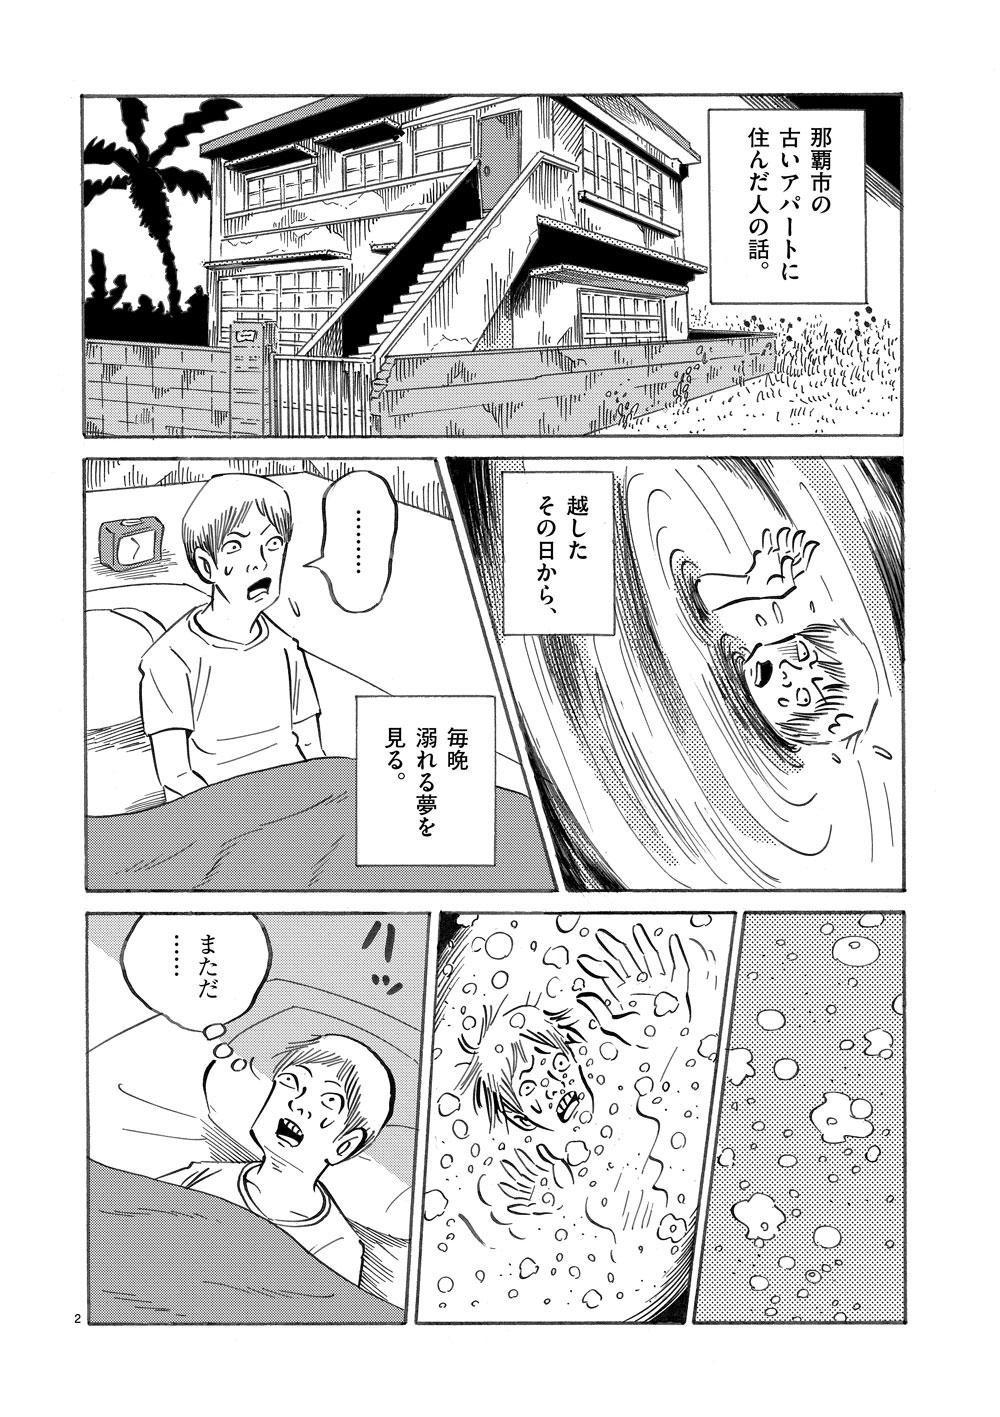 琉球怪談 【第10話】WEB掲載2ページ目画像